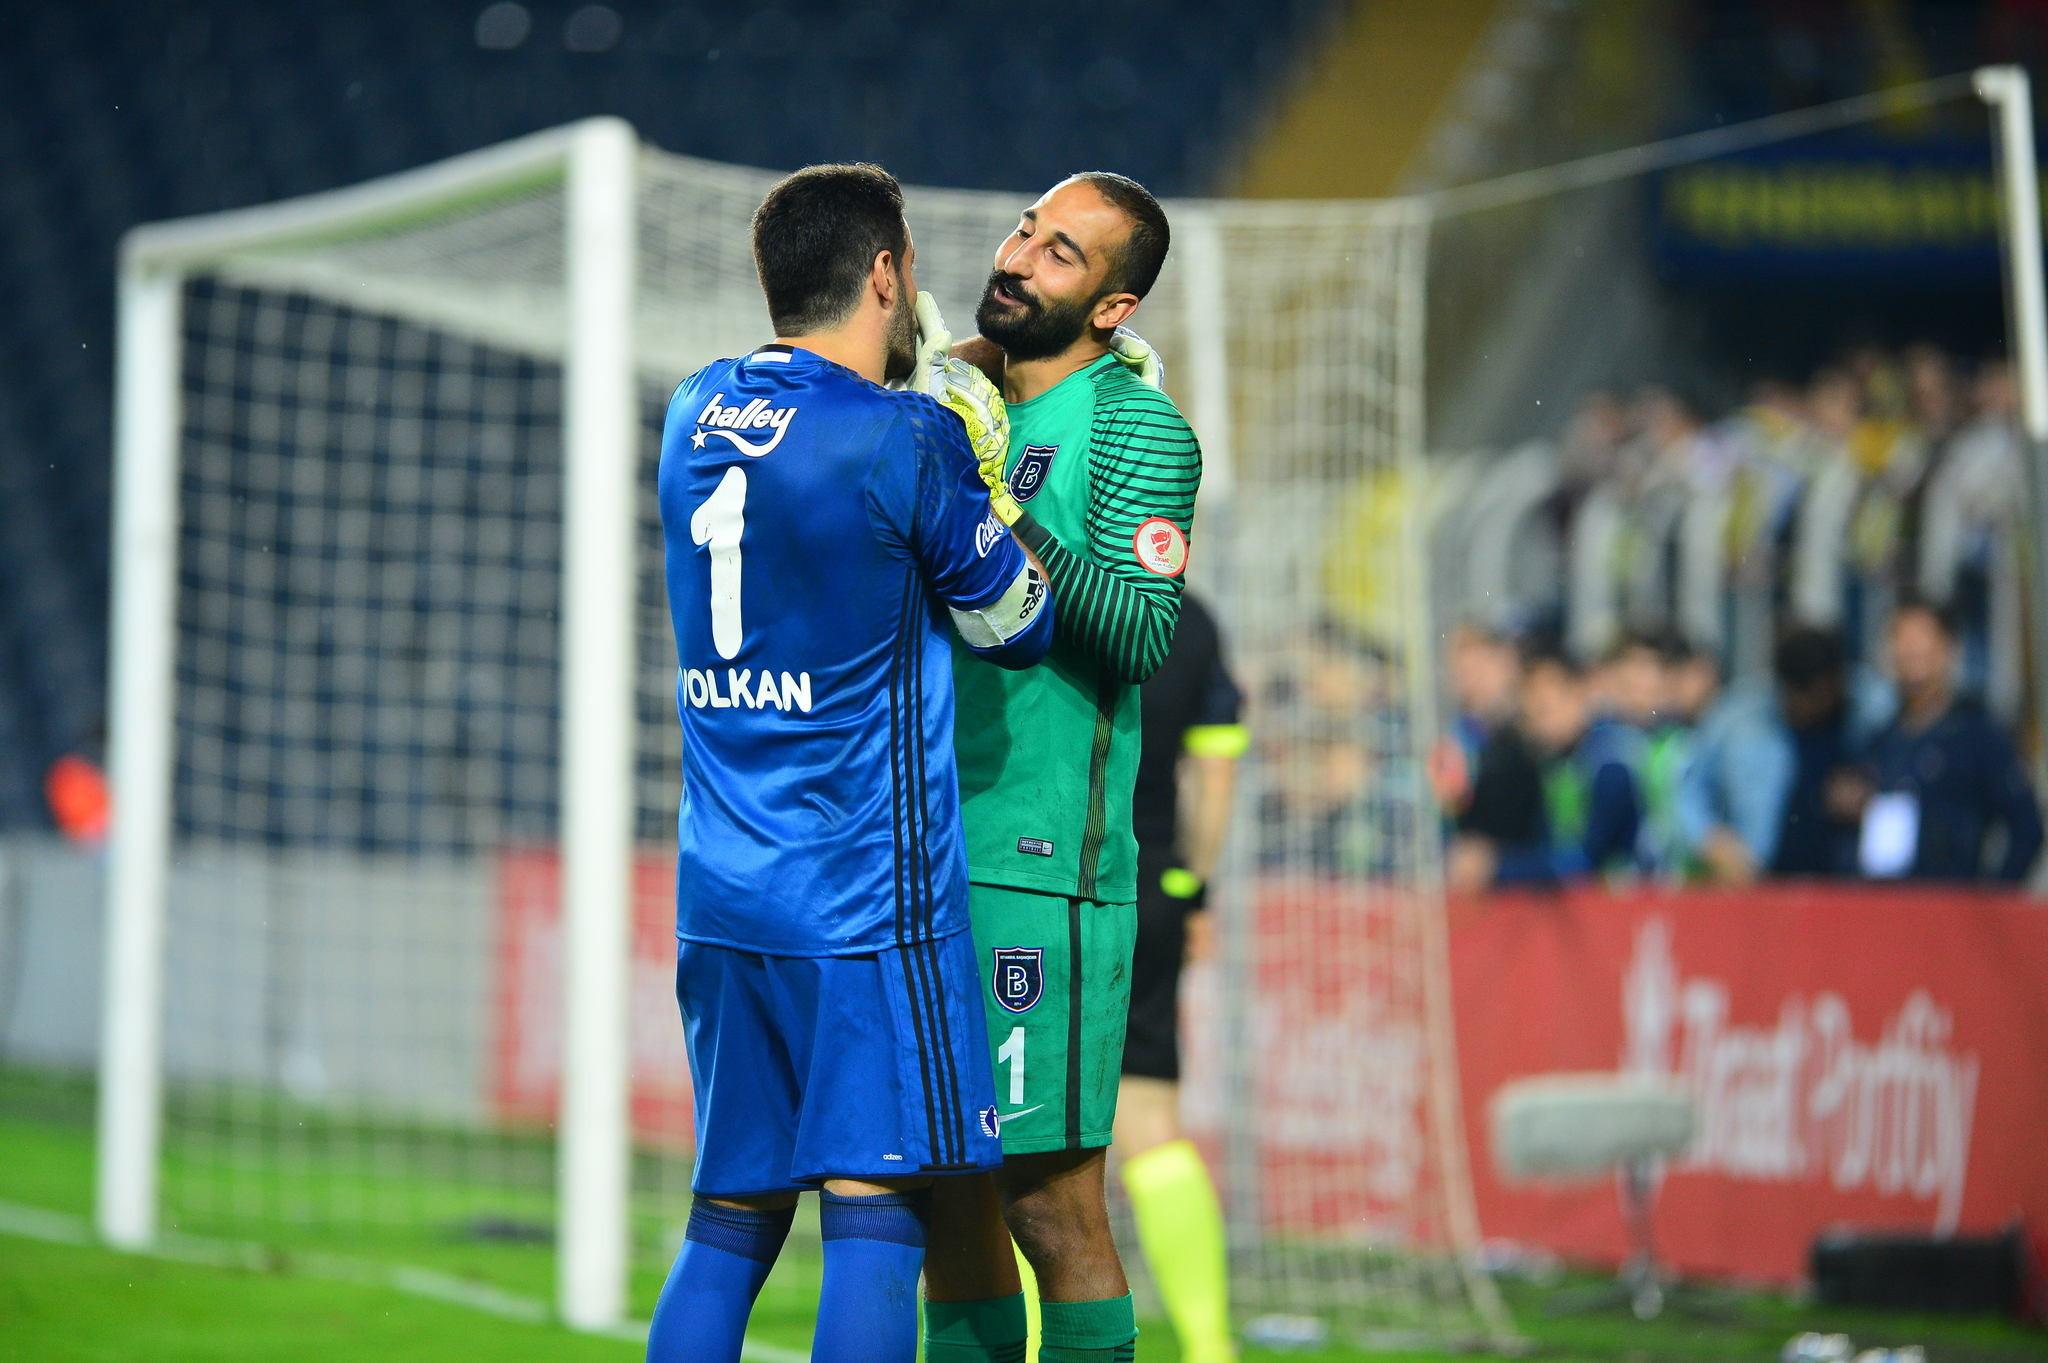 Fenerbahçe - Medipol Başakşehir maçı sosyal medya yorumları